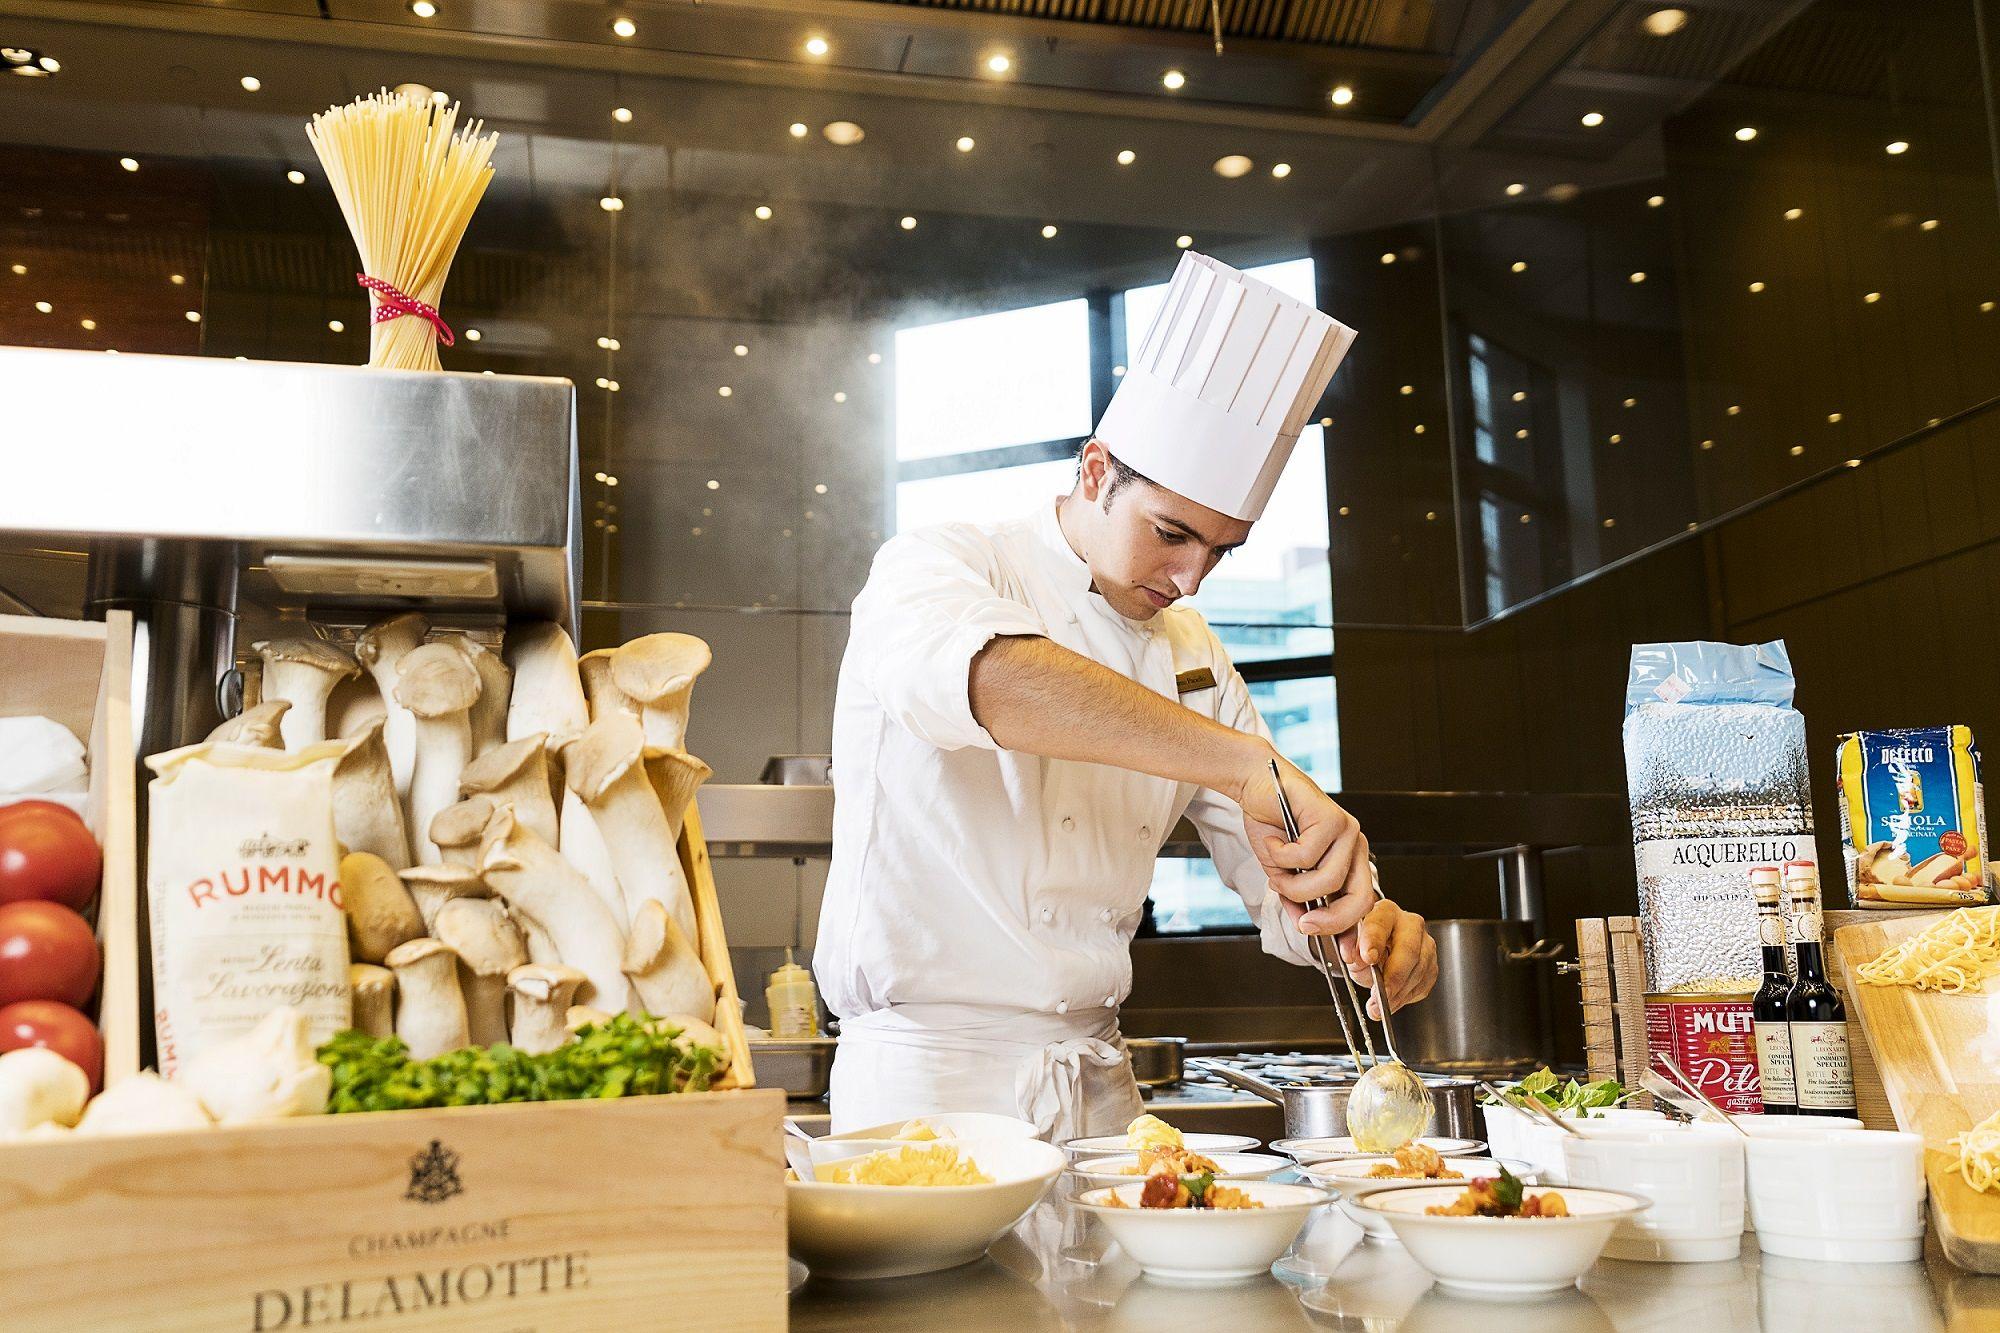 文華東方酒店義式餐廳Bencotto推出週末早午餐